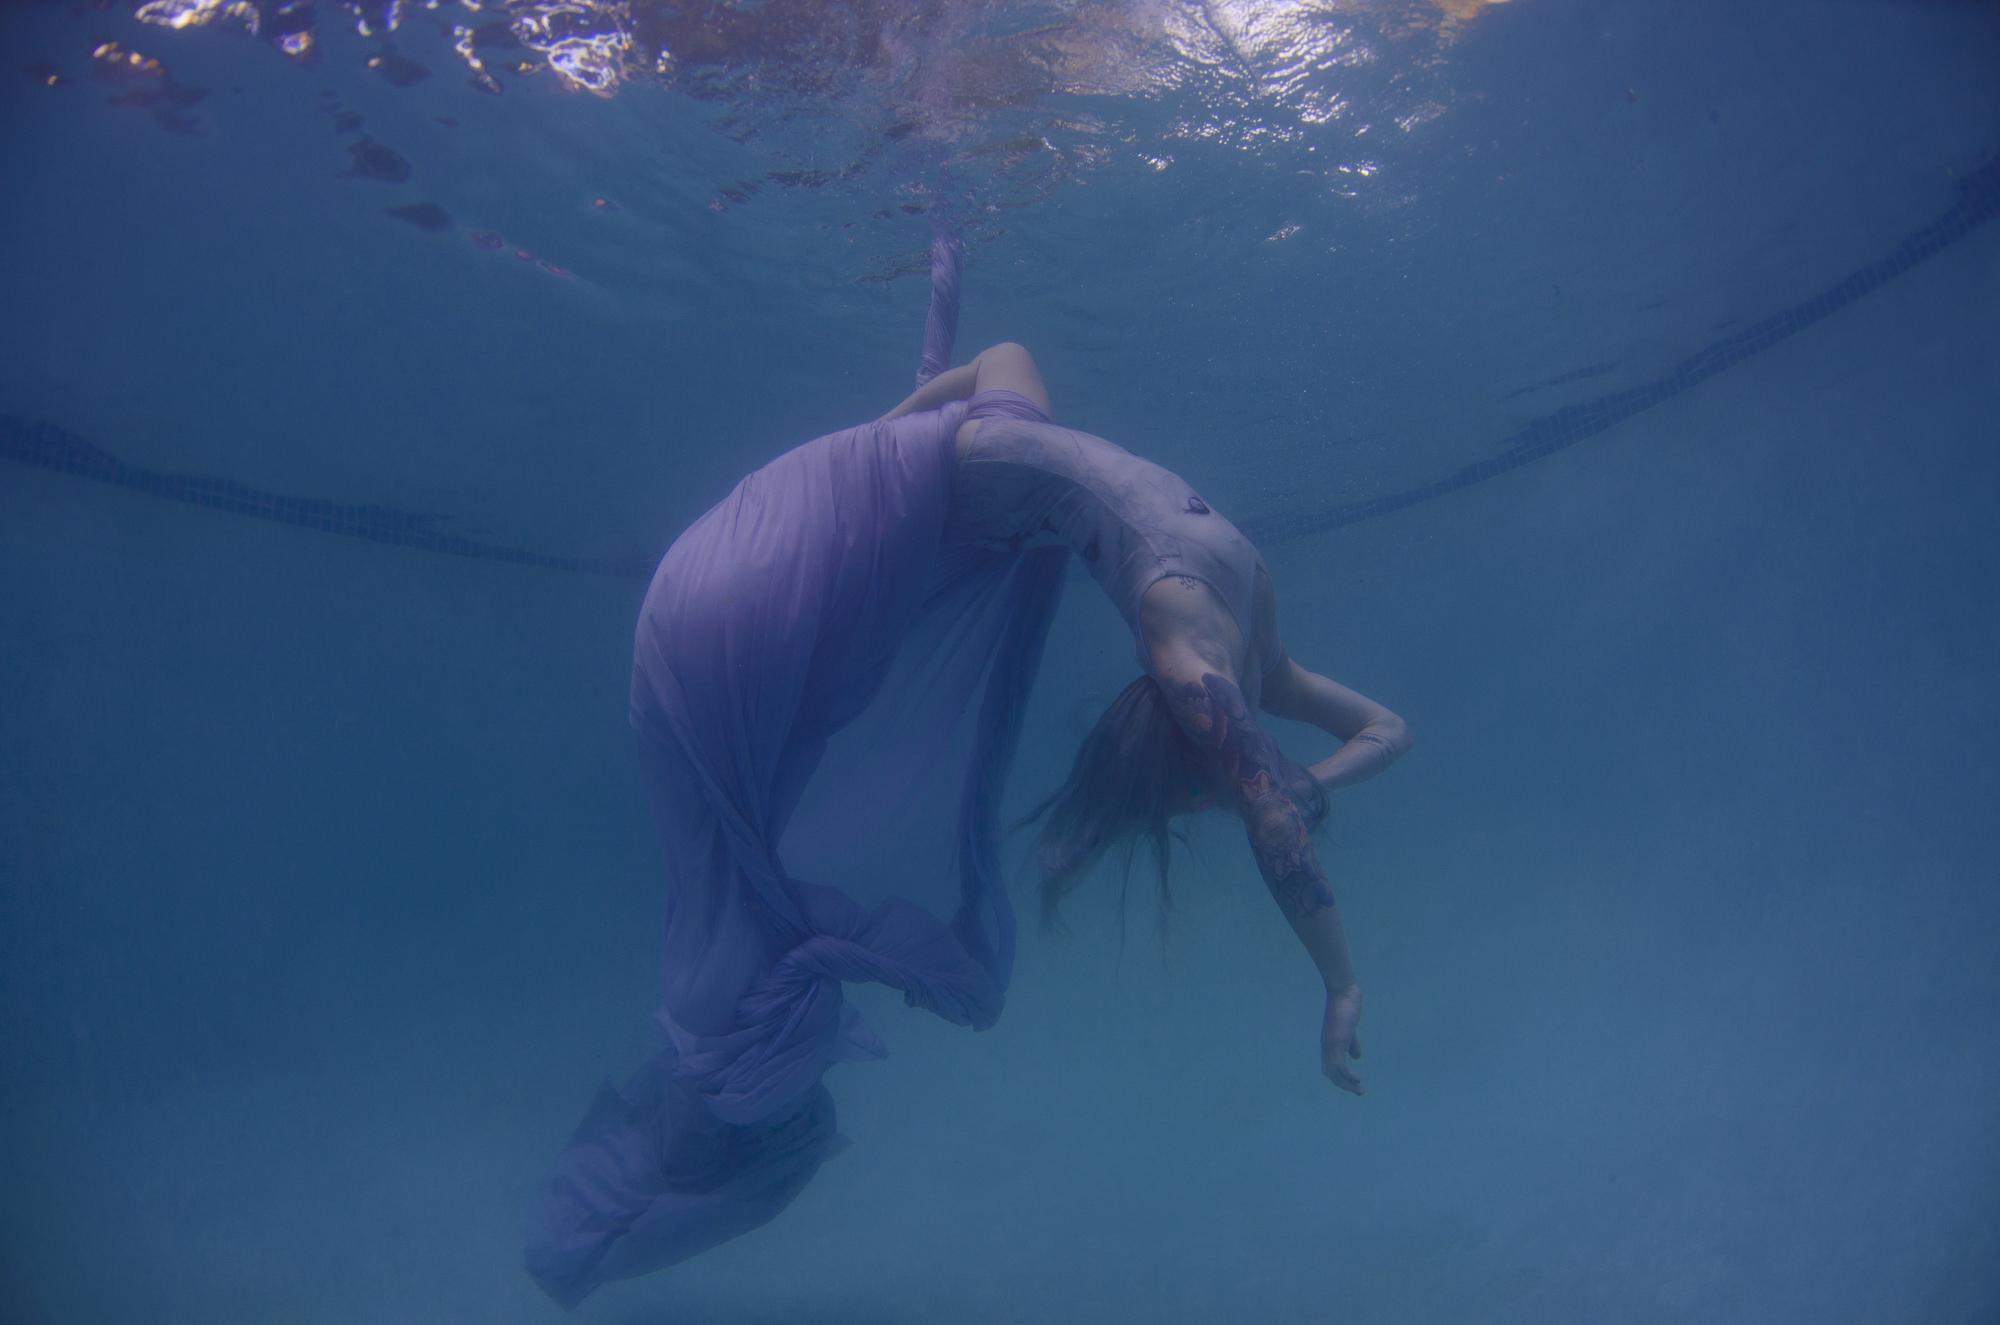 Dana underwater silks13661.JPG